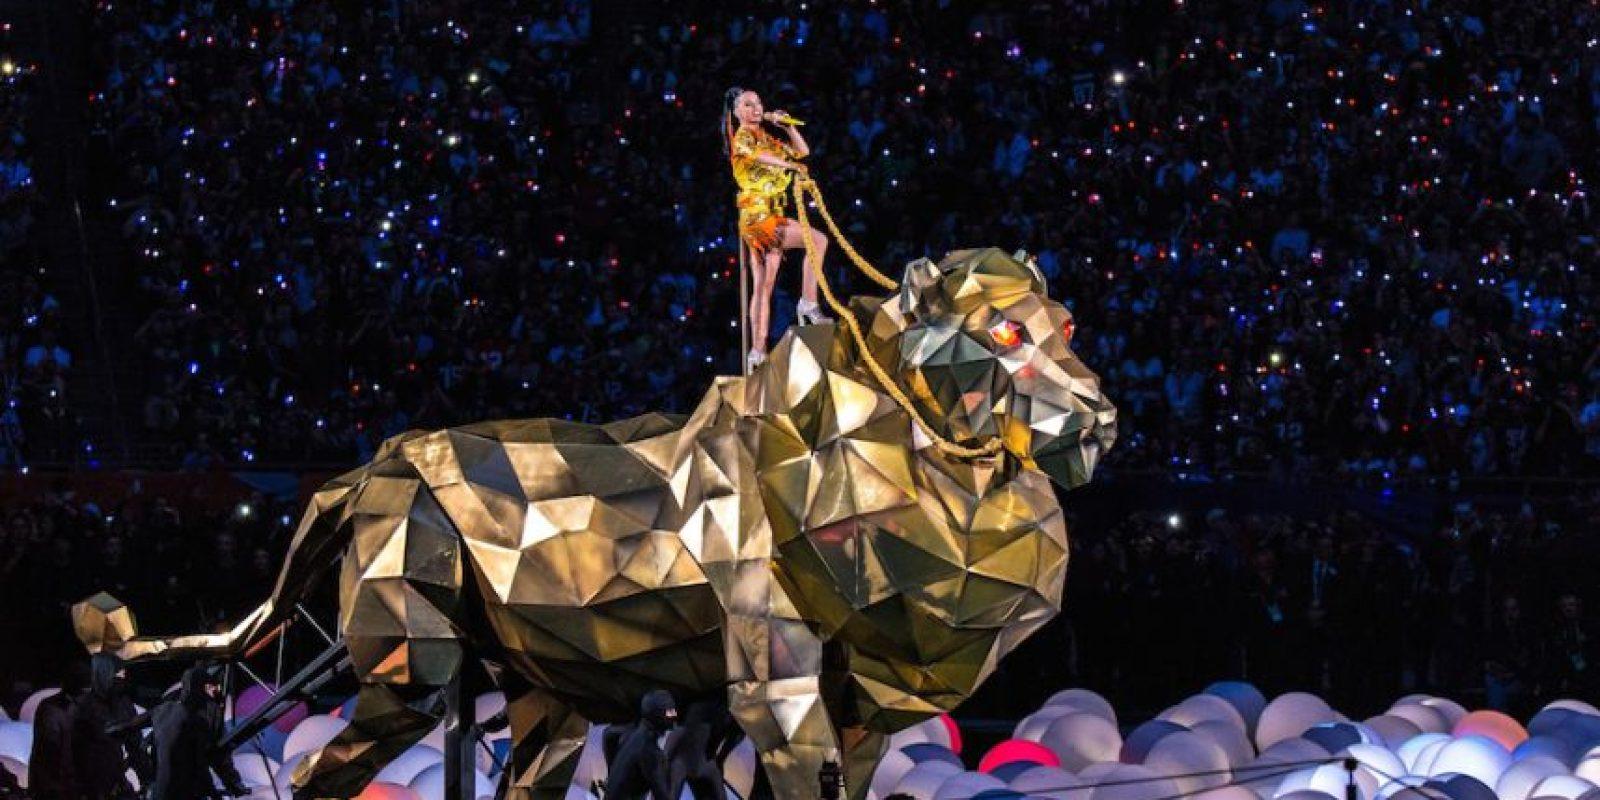 """Parathios de igual forma aseveró que """"Estaba montado en un enorme cuadro de acero con ruedas. El león por sí mismo era un material ligero pero fuerte, No era exactamente mecánico porque tenía a cuatro personas empujándolo y otras cuatro operando las patas"""". Foto:Getty Images"""